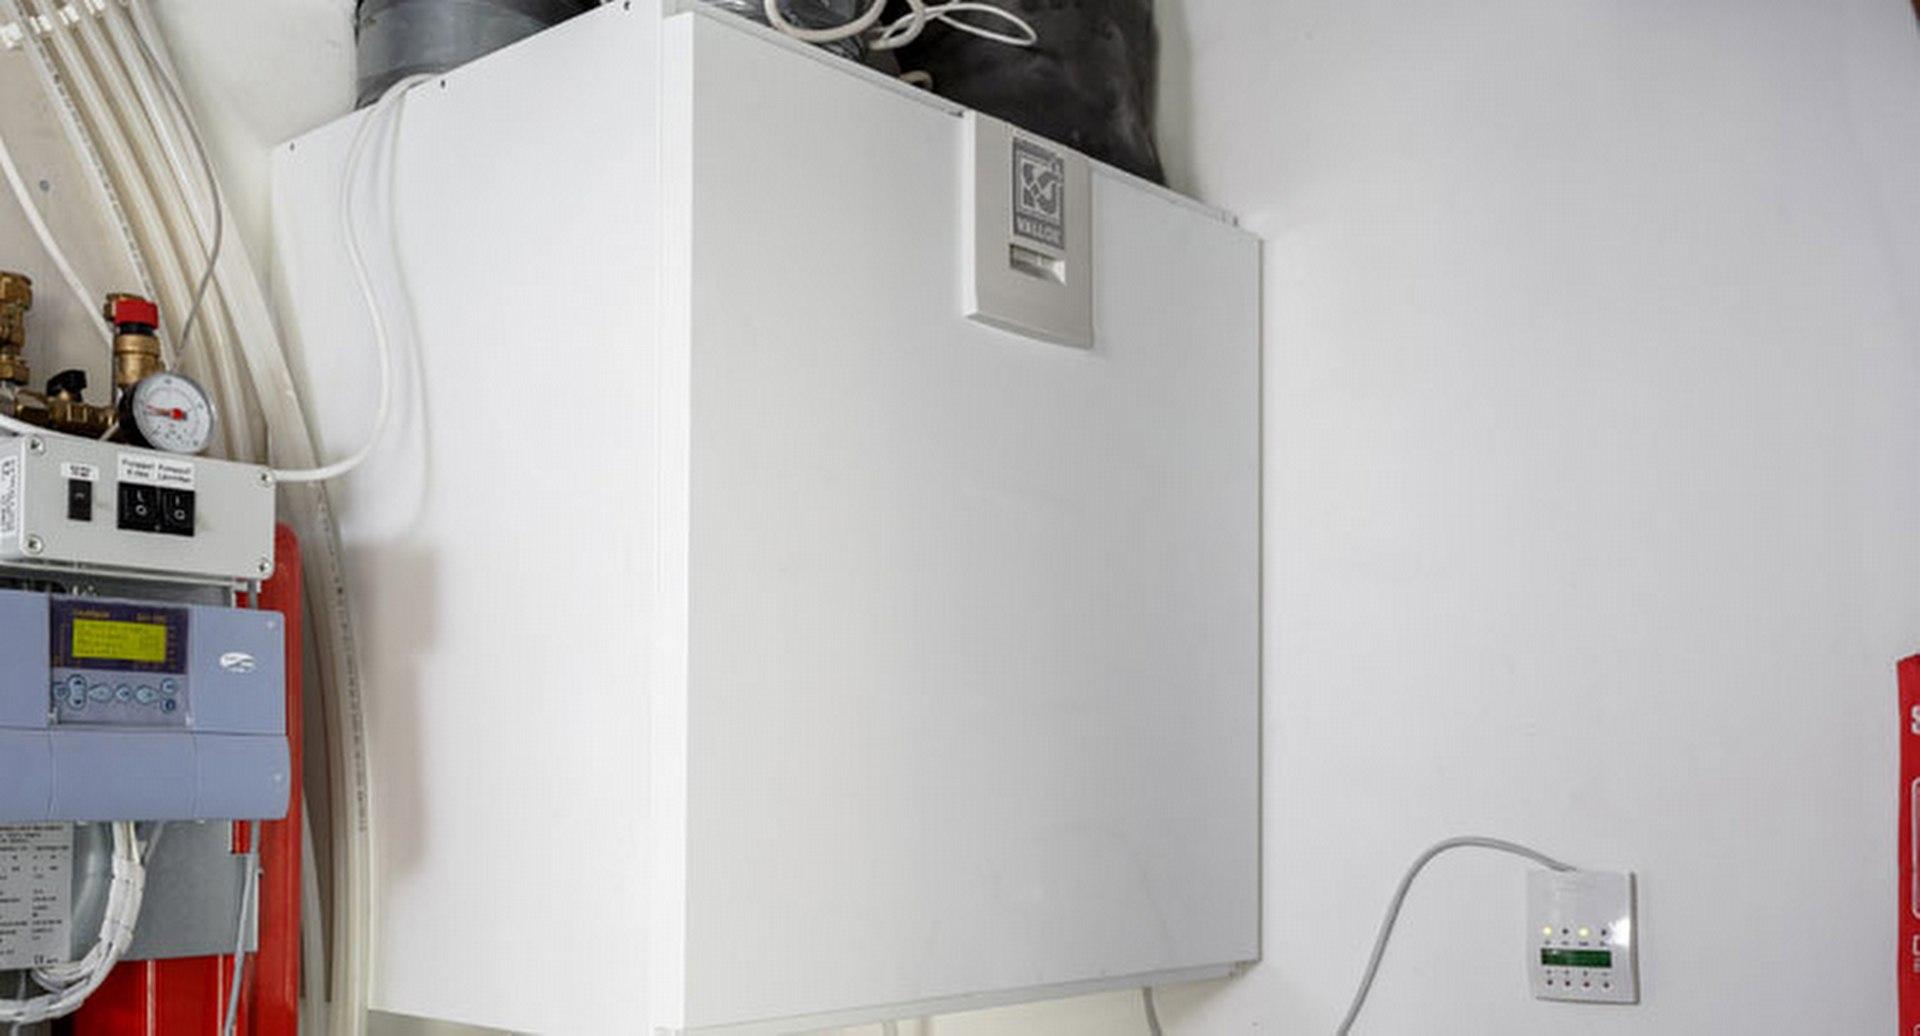 Ilmanvaihtokoulussa opastetaan koneellisen ilmanvaihdon saloihin